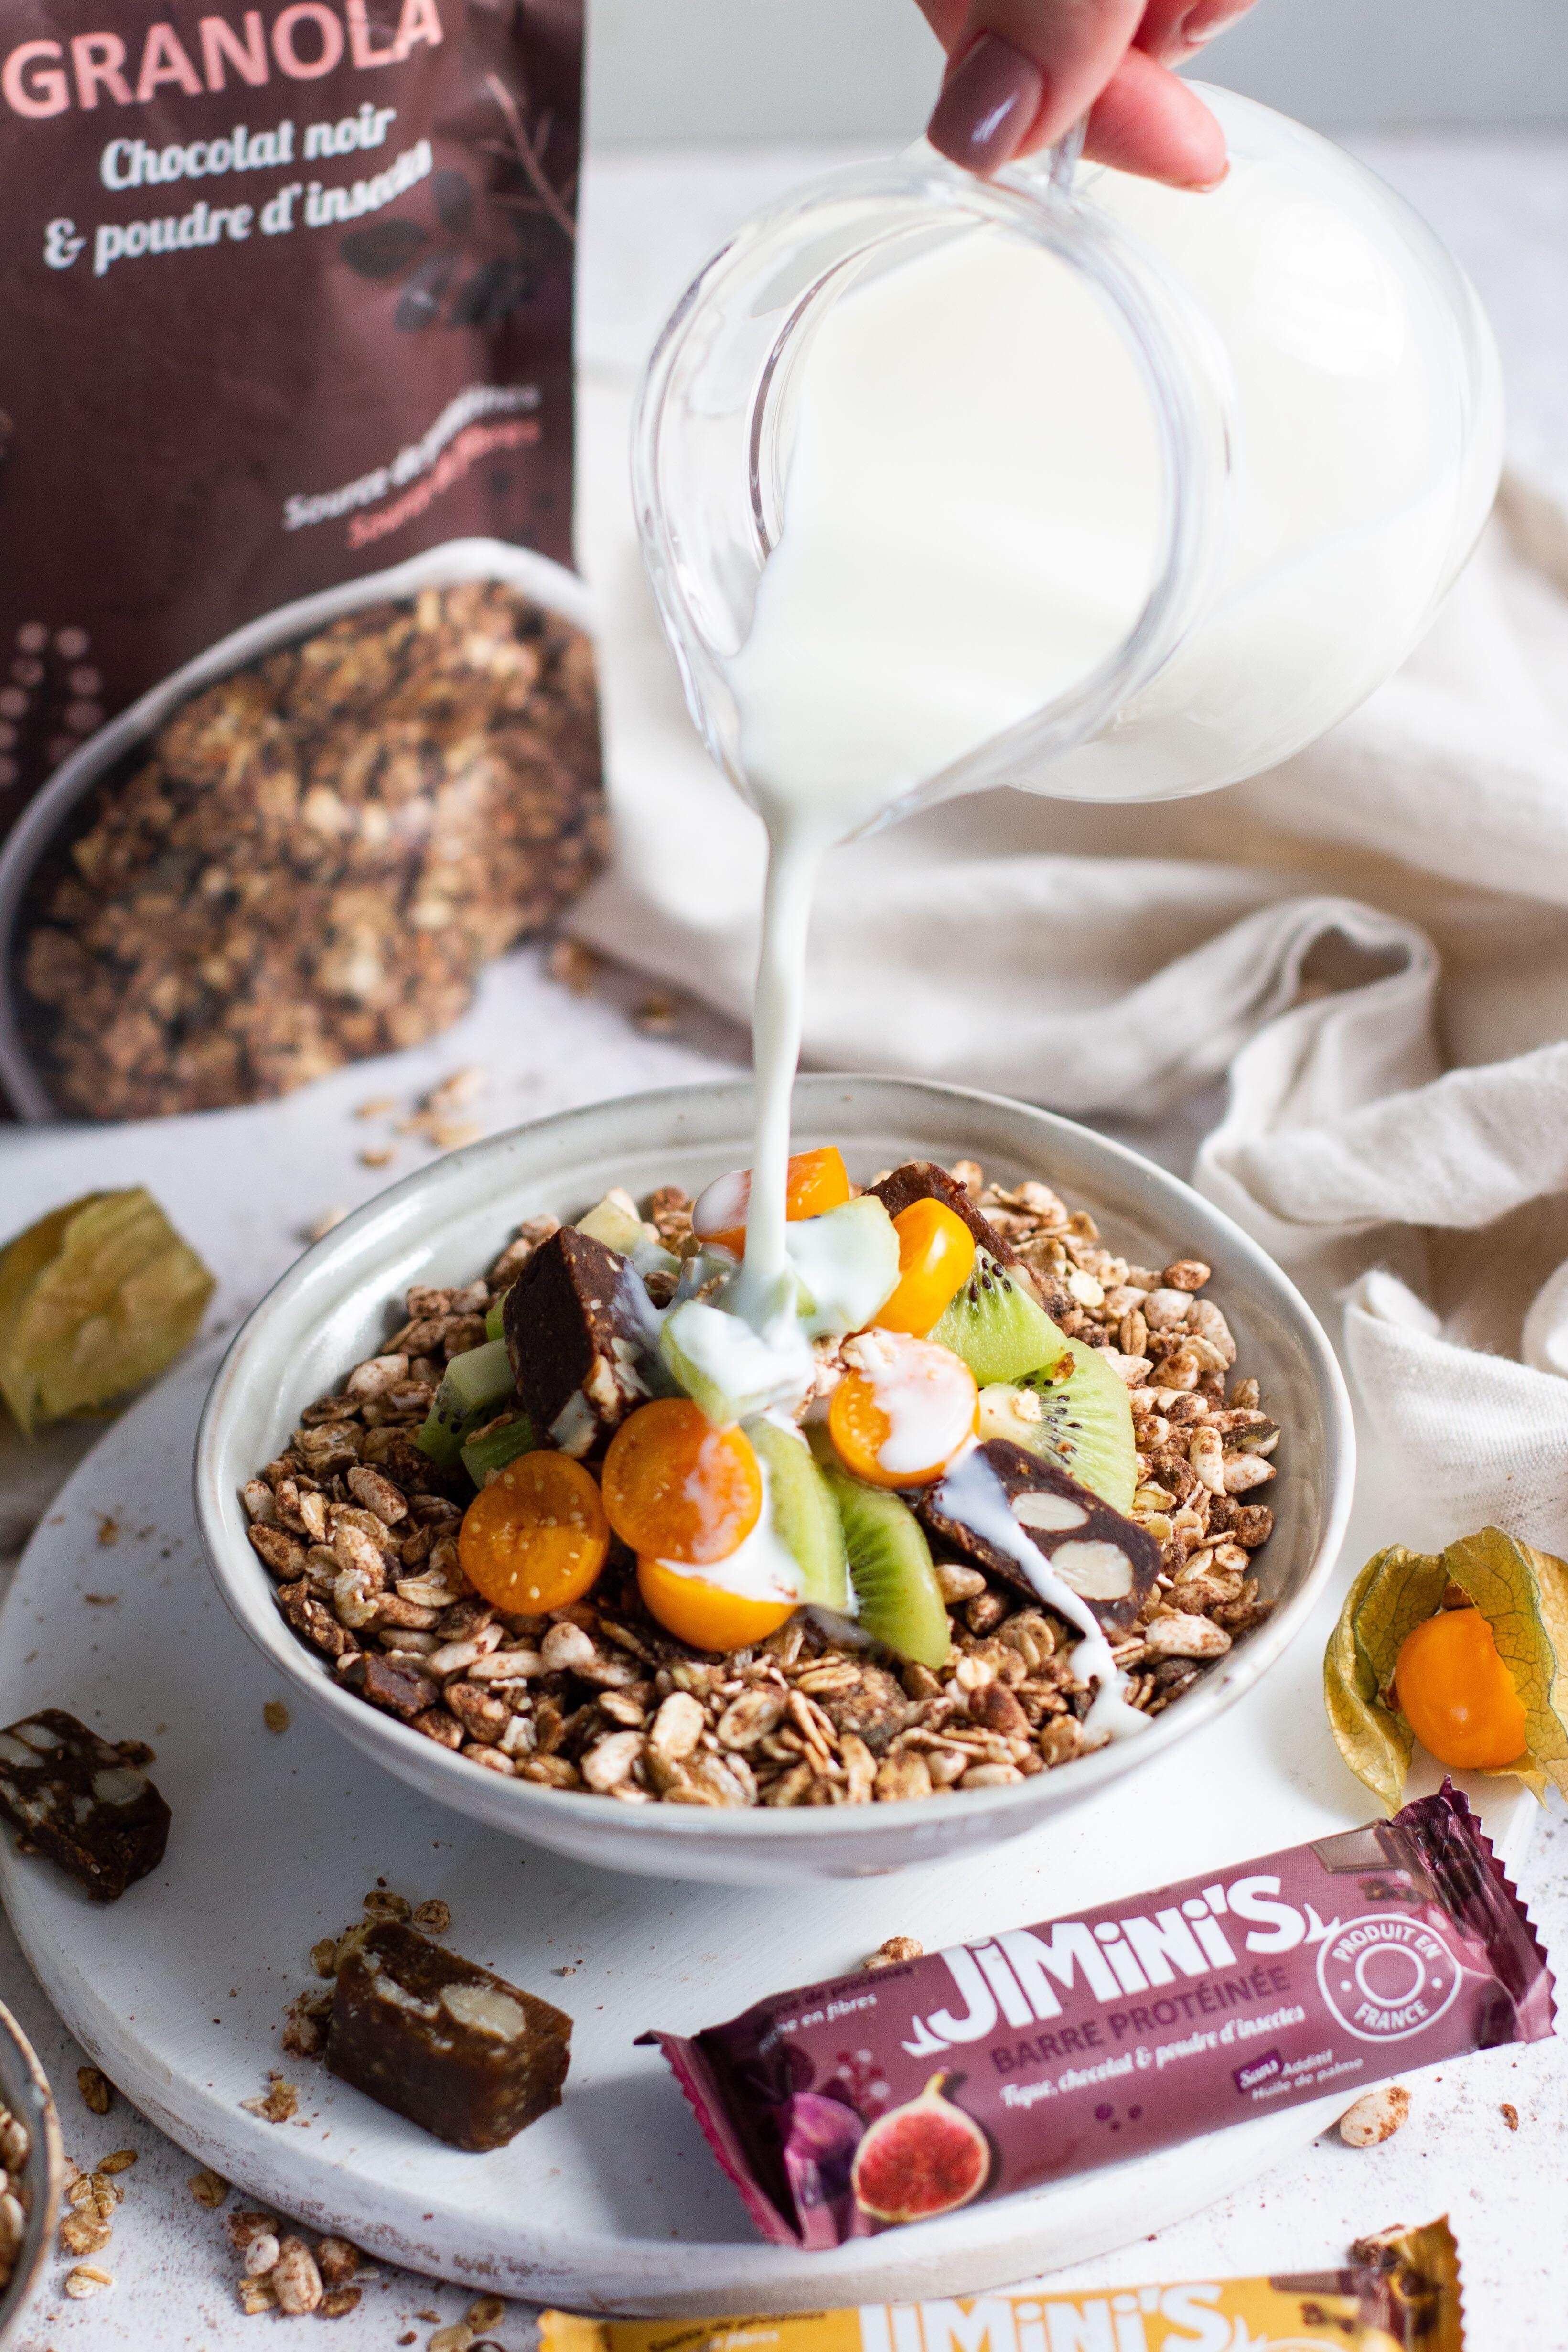 Granola Bowl au kiwi, physalis et insectes